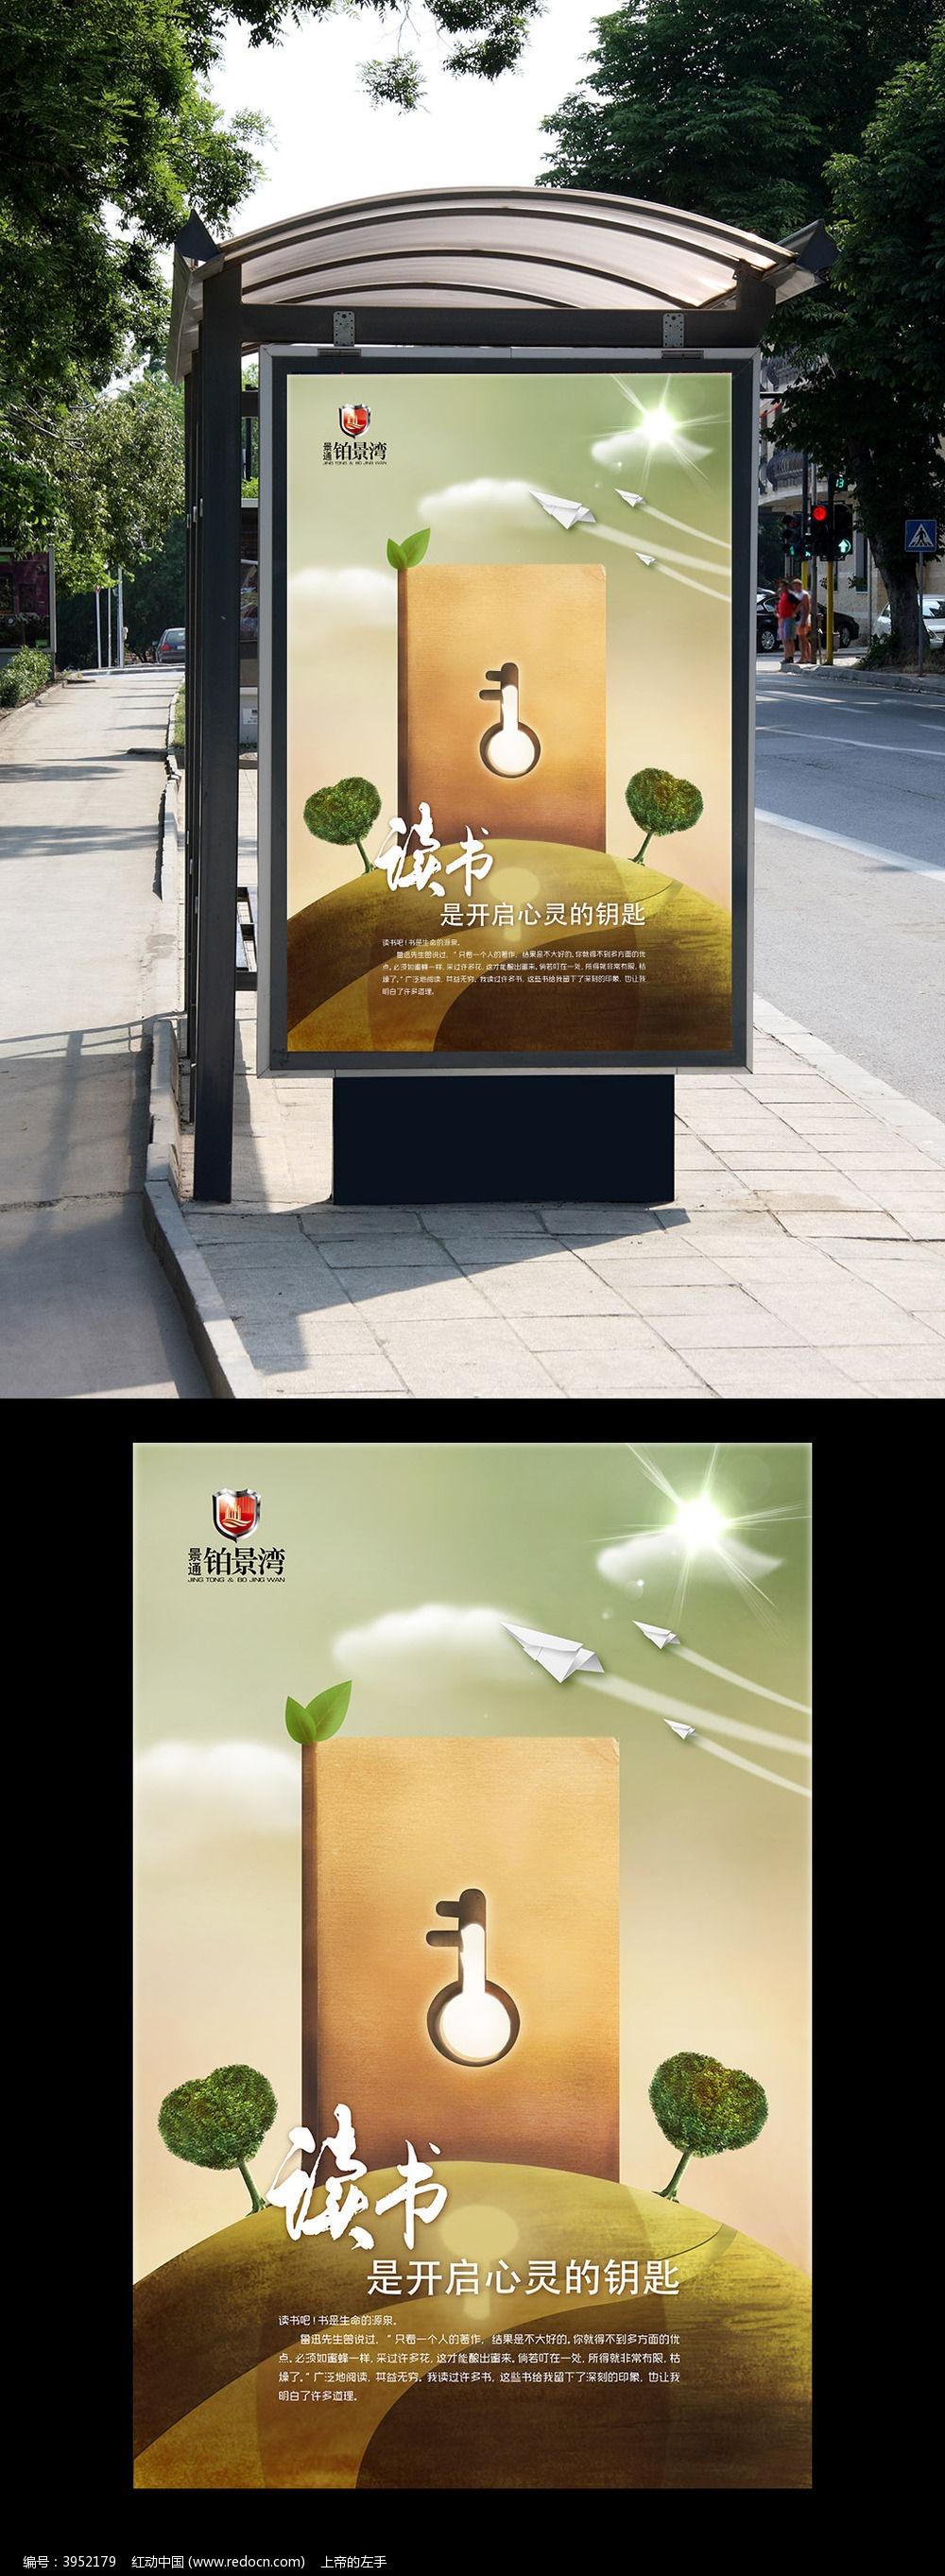 校园文化展板海报设计读书图片